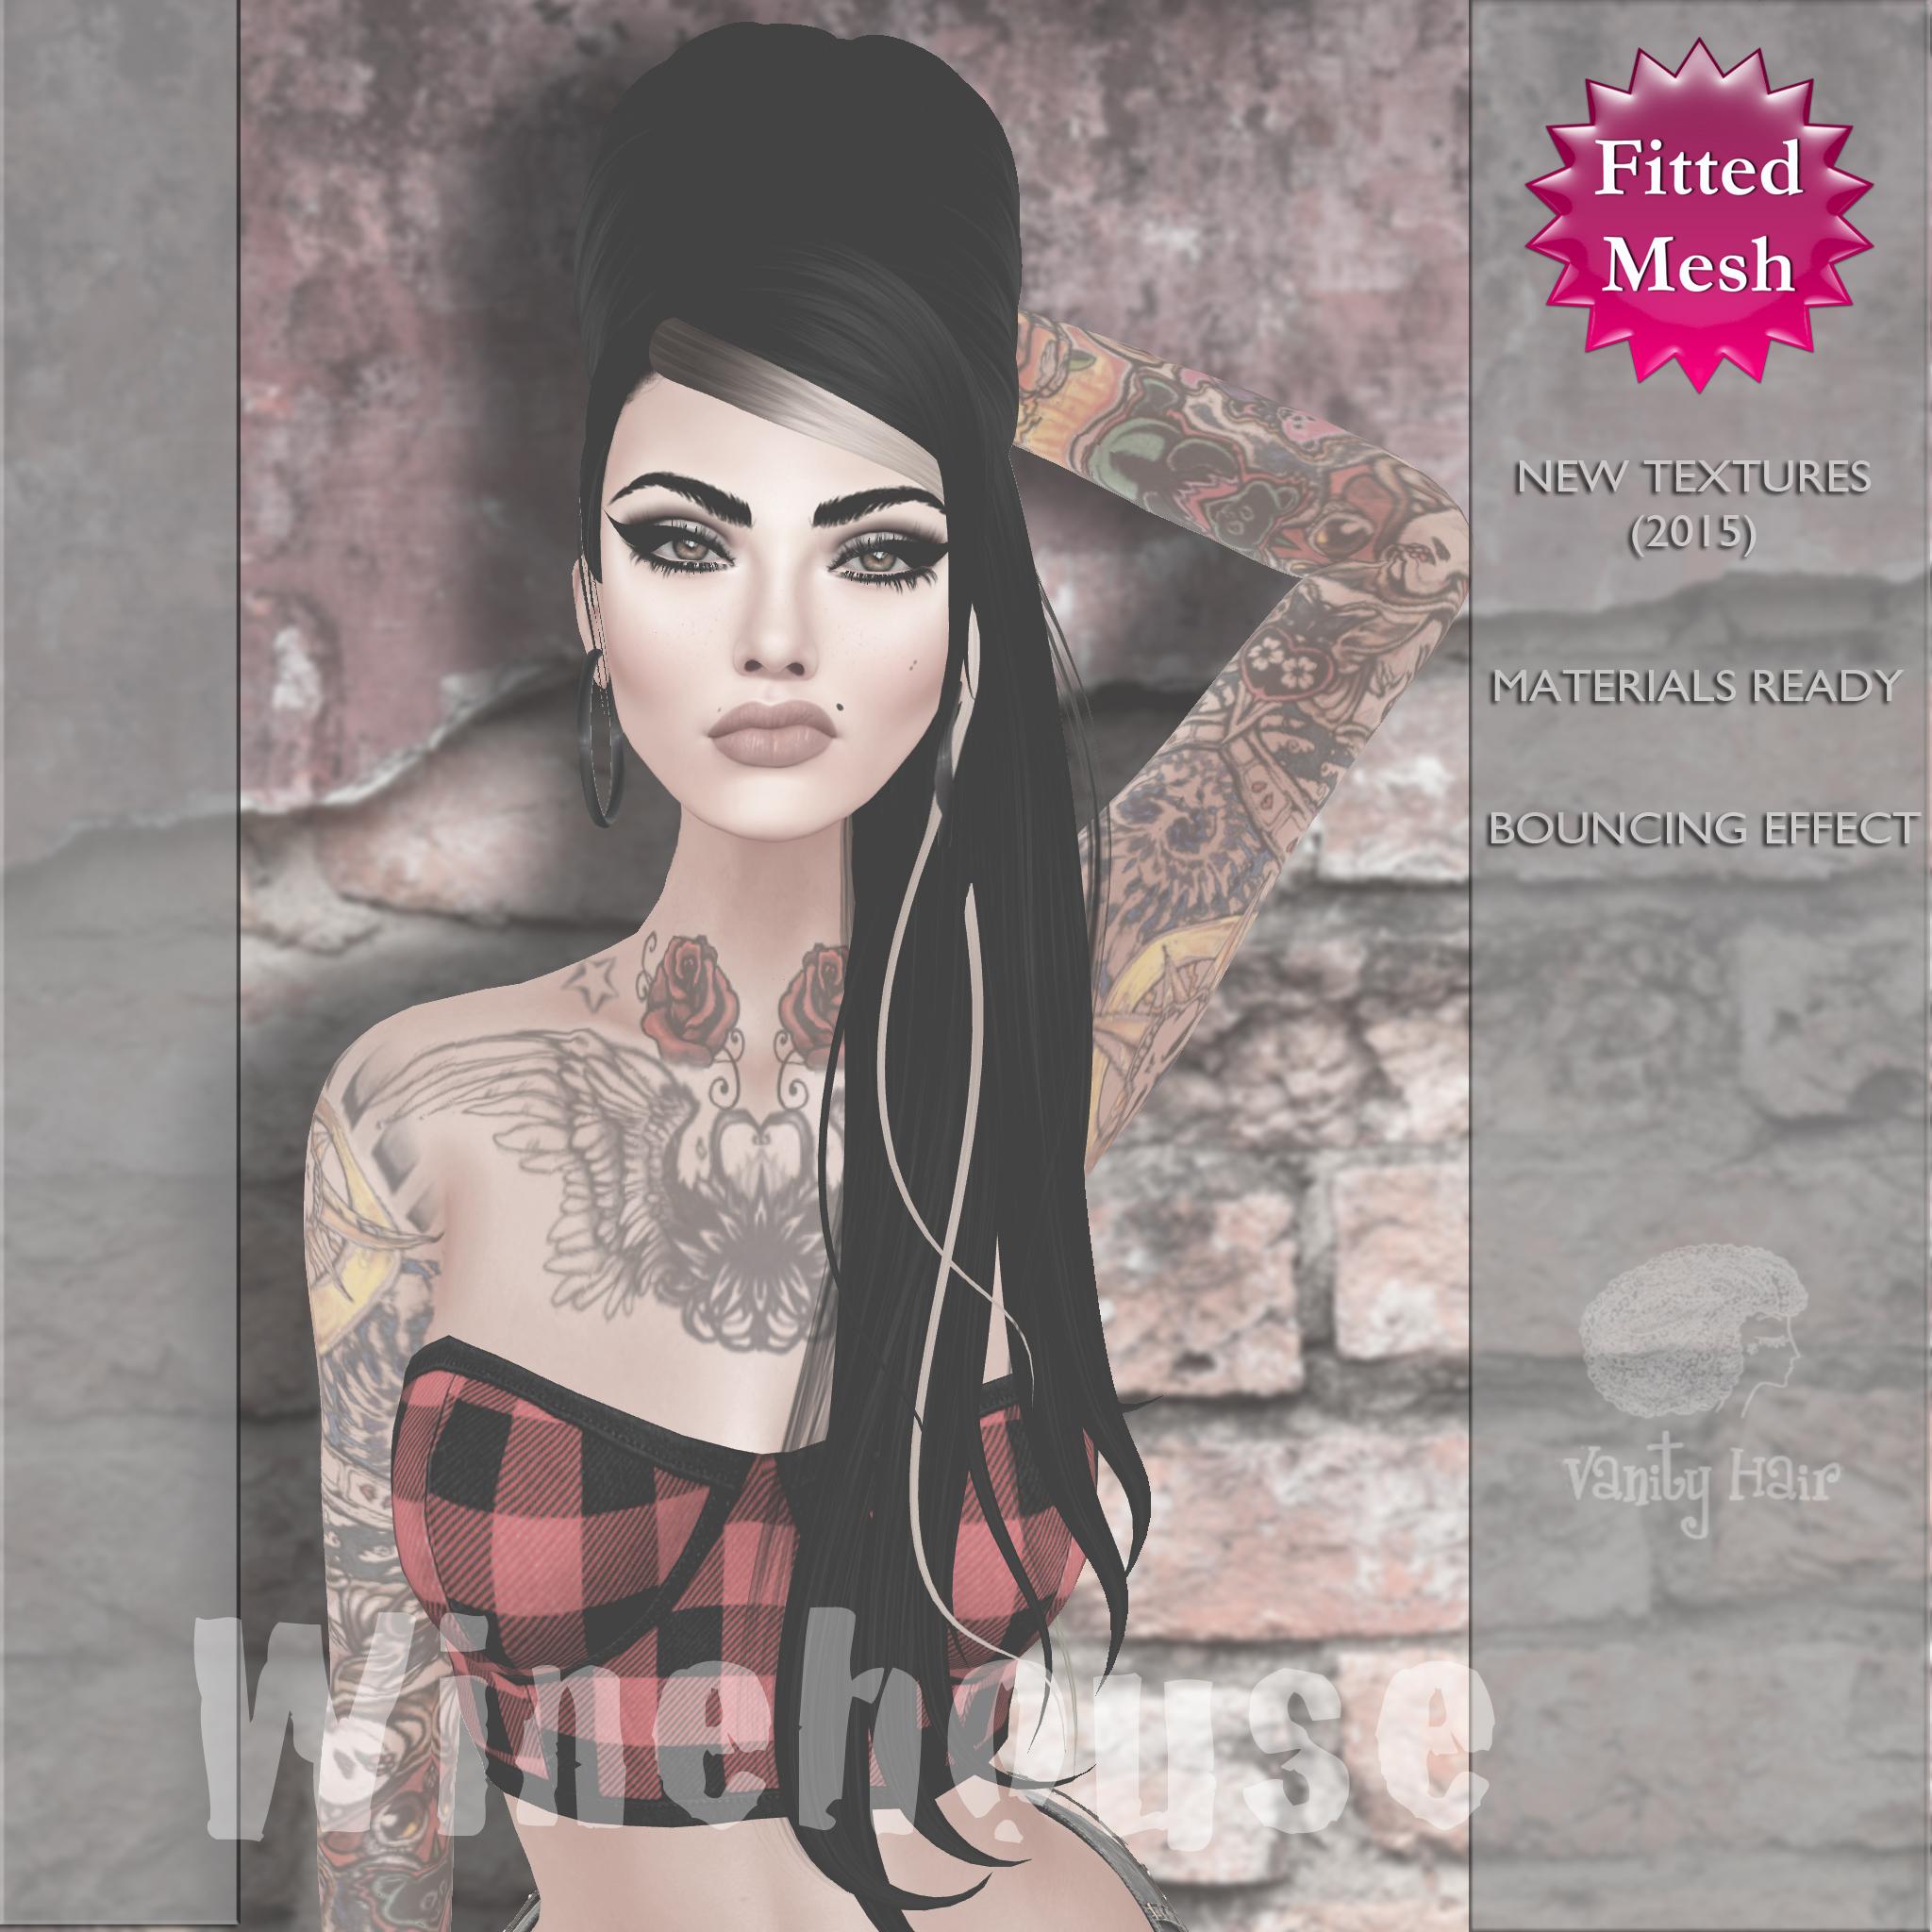 VanityHair@WineHouse